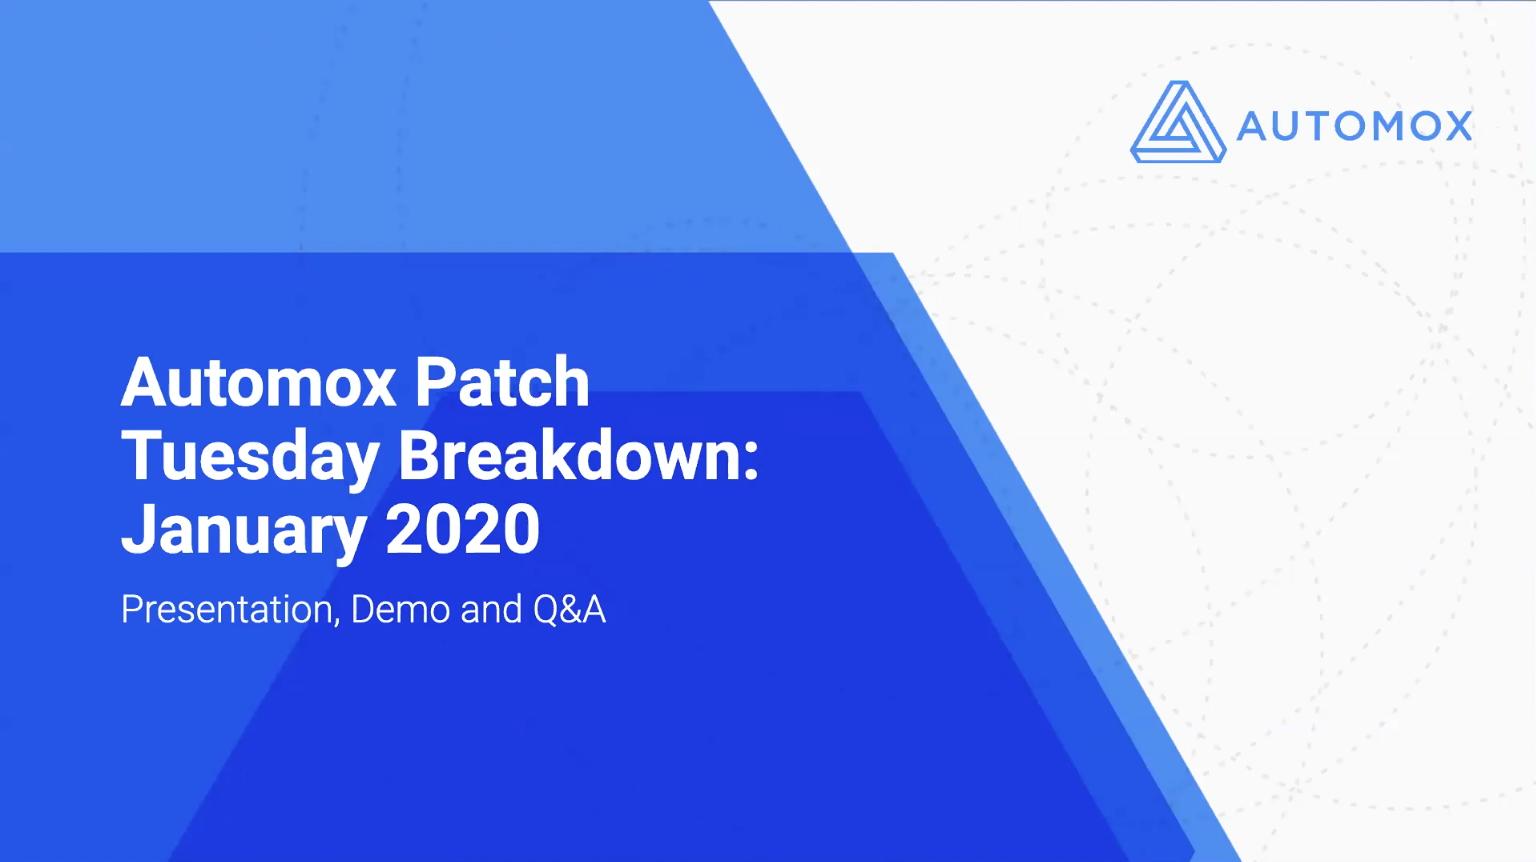 Automox Patch Tuesday Breakdown: January 2020